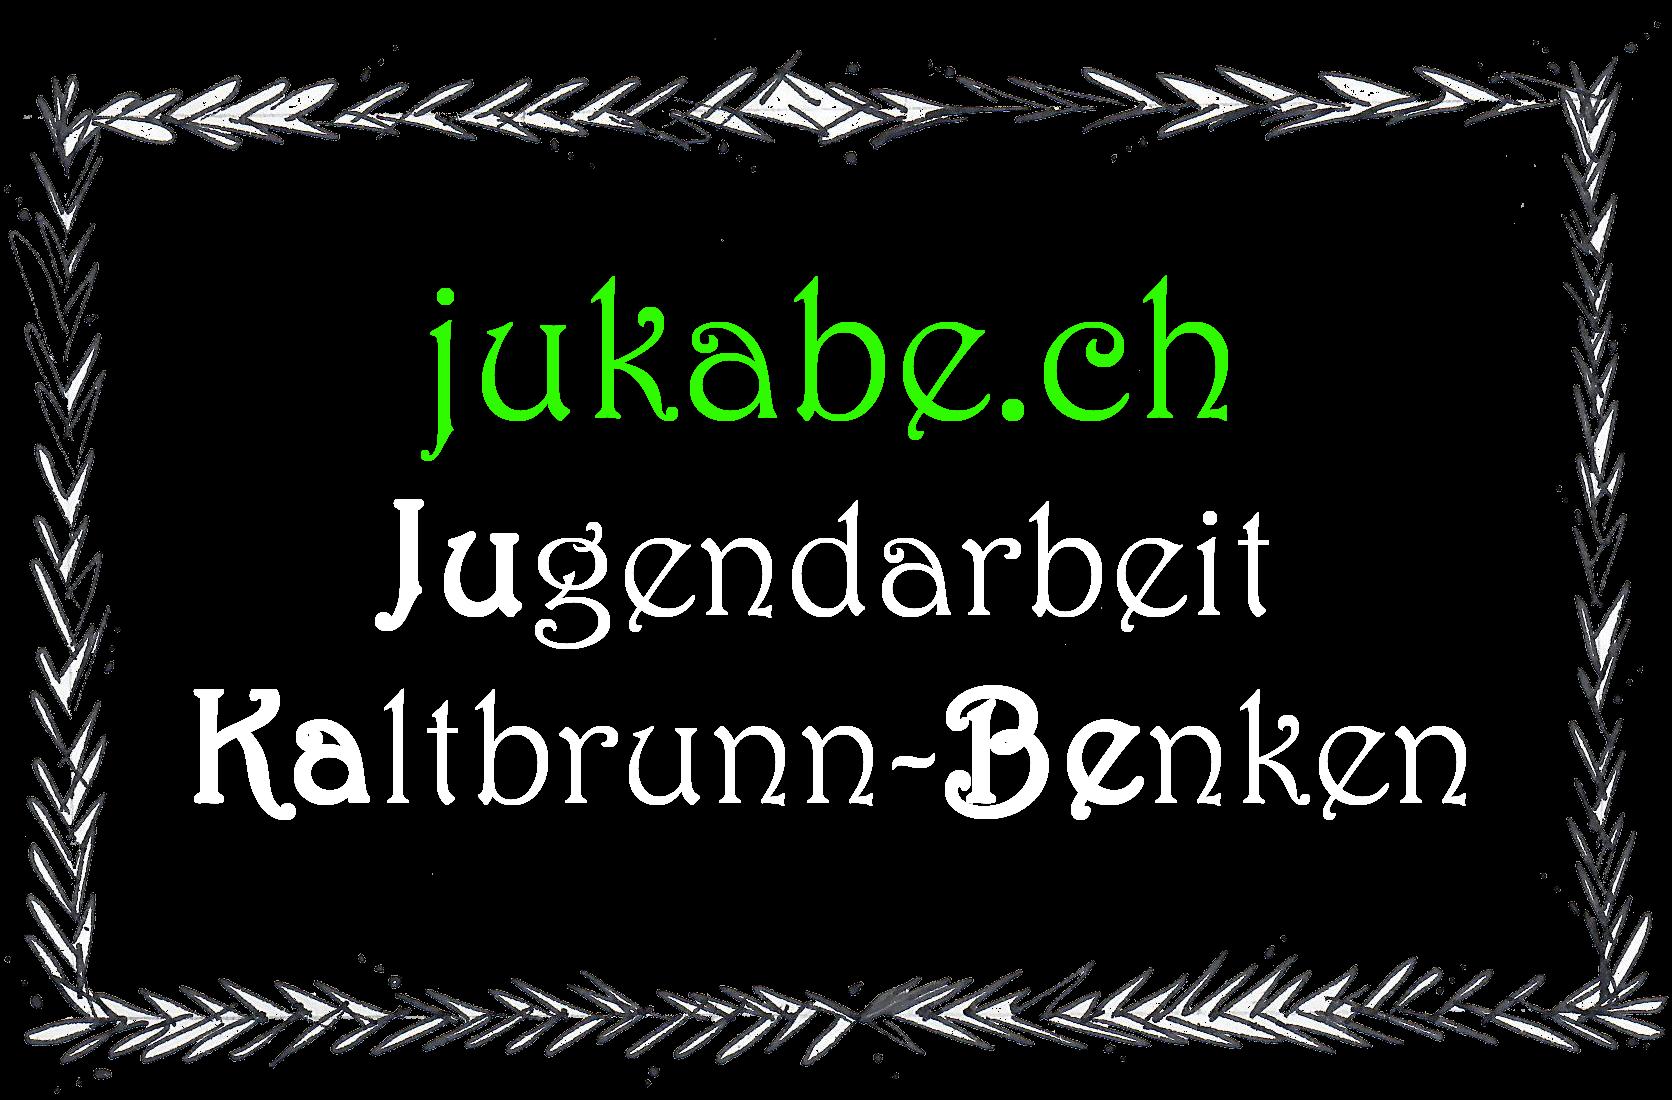 Jugendarbeit Kaltbrunn-Benken